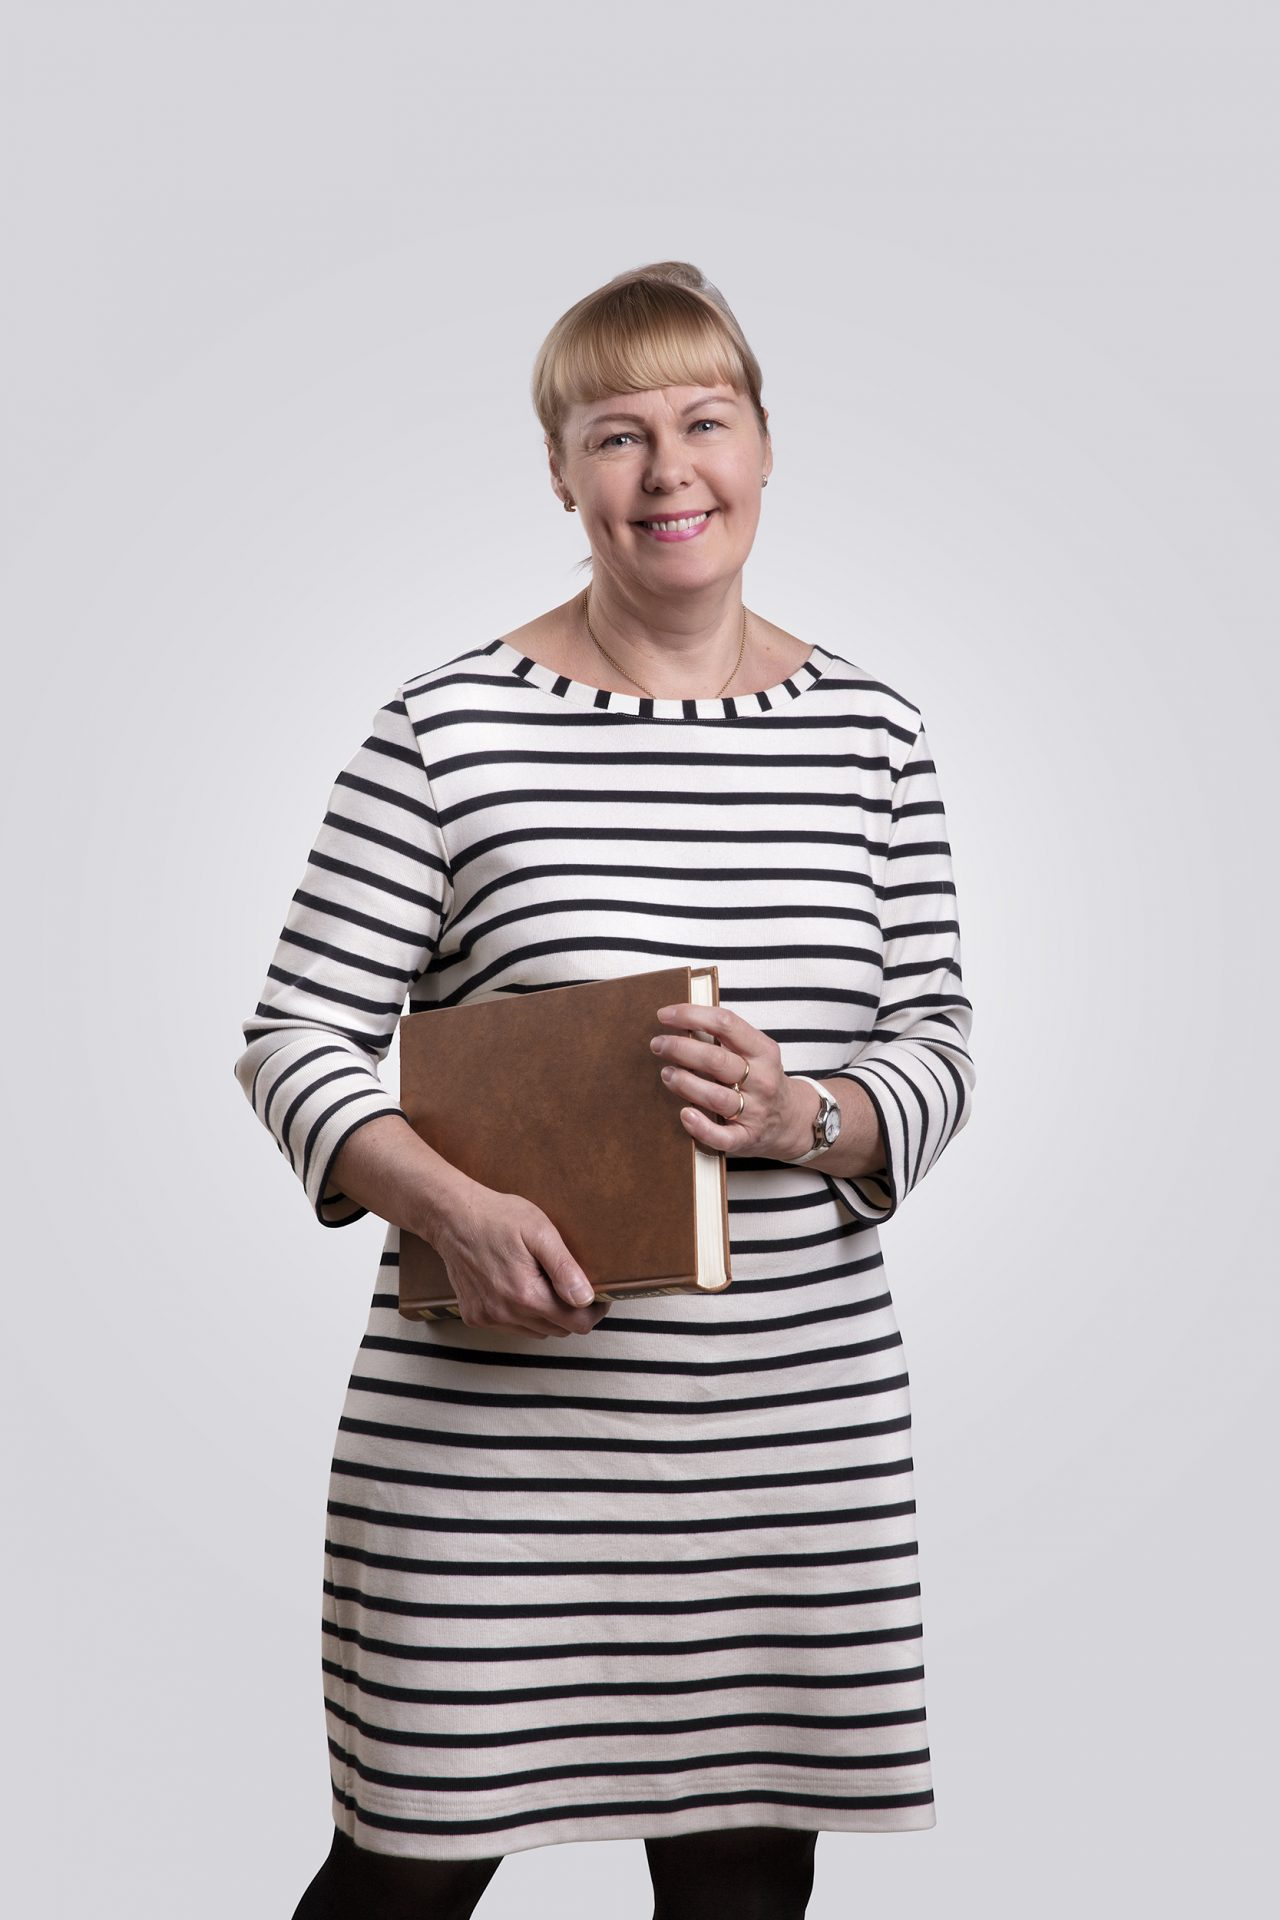 Marja Kallio